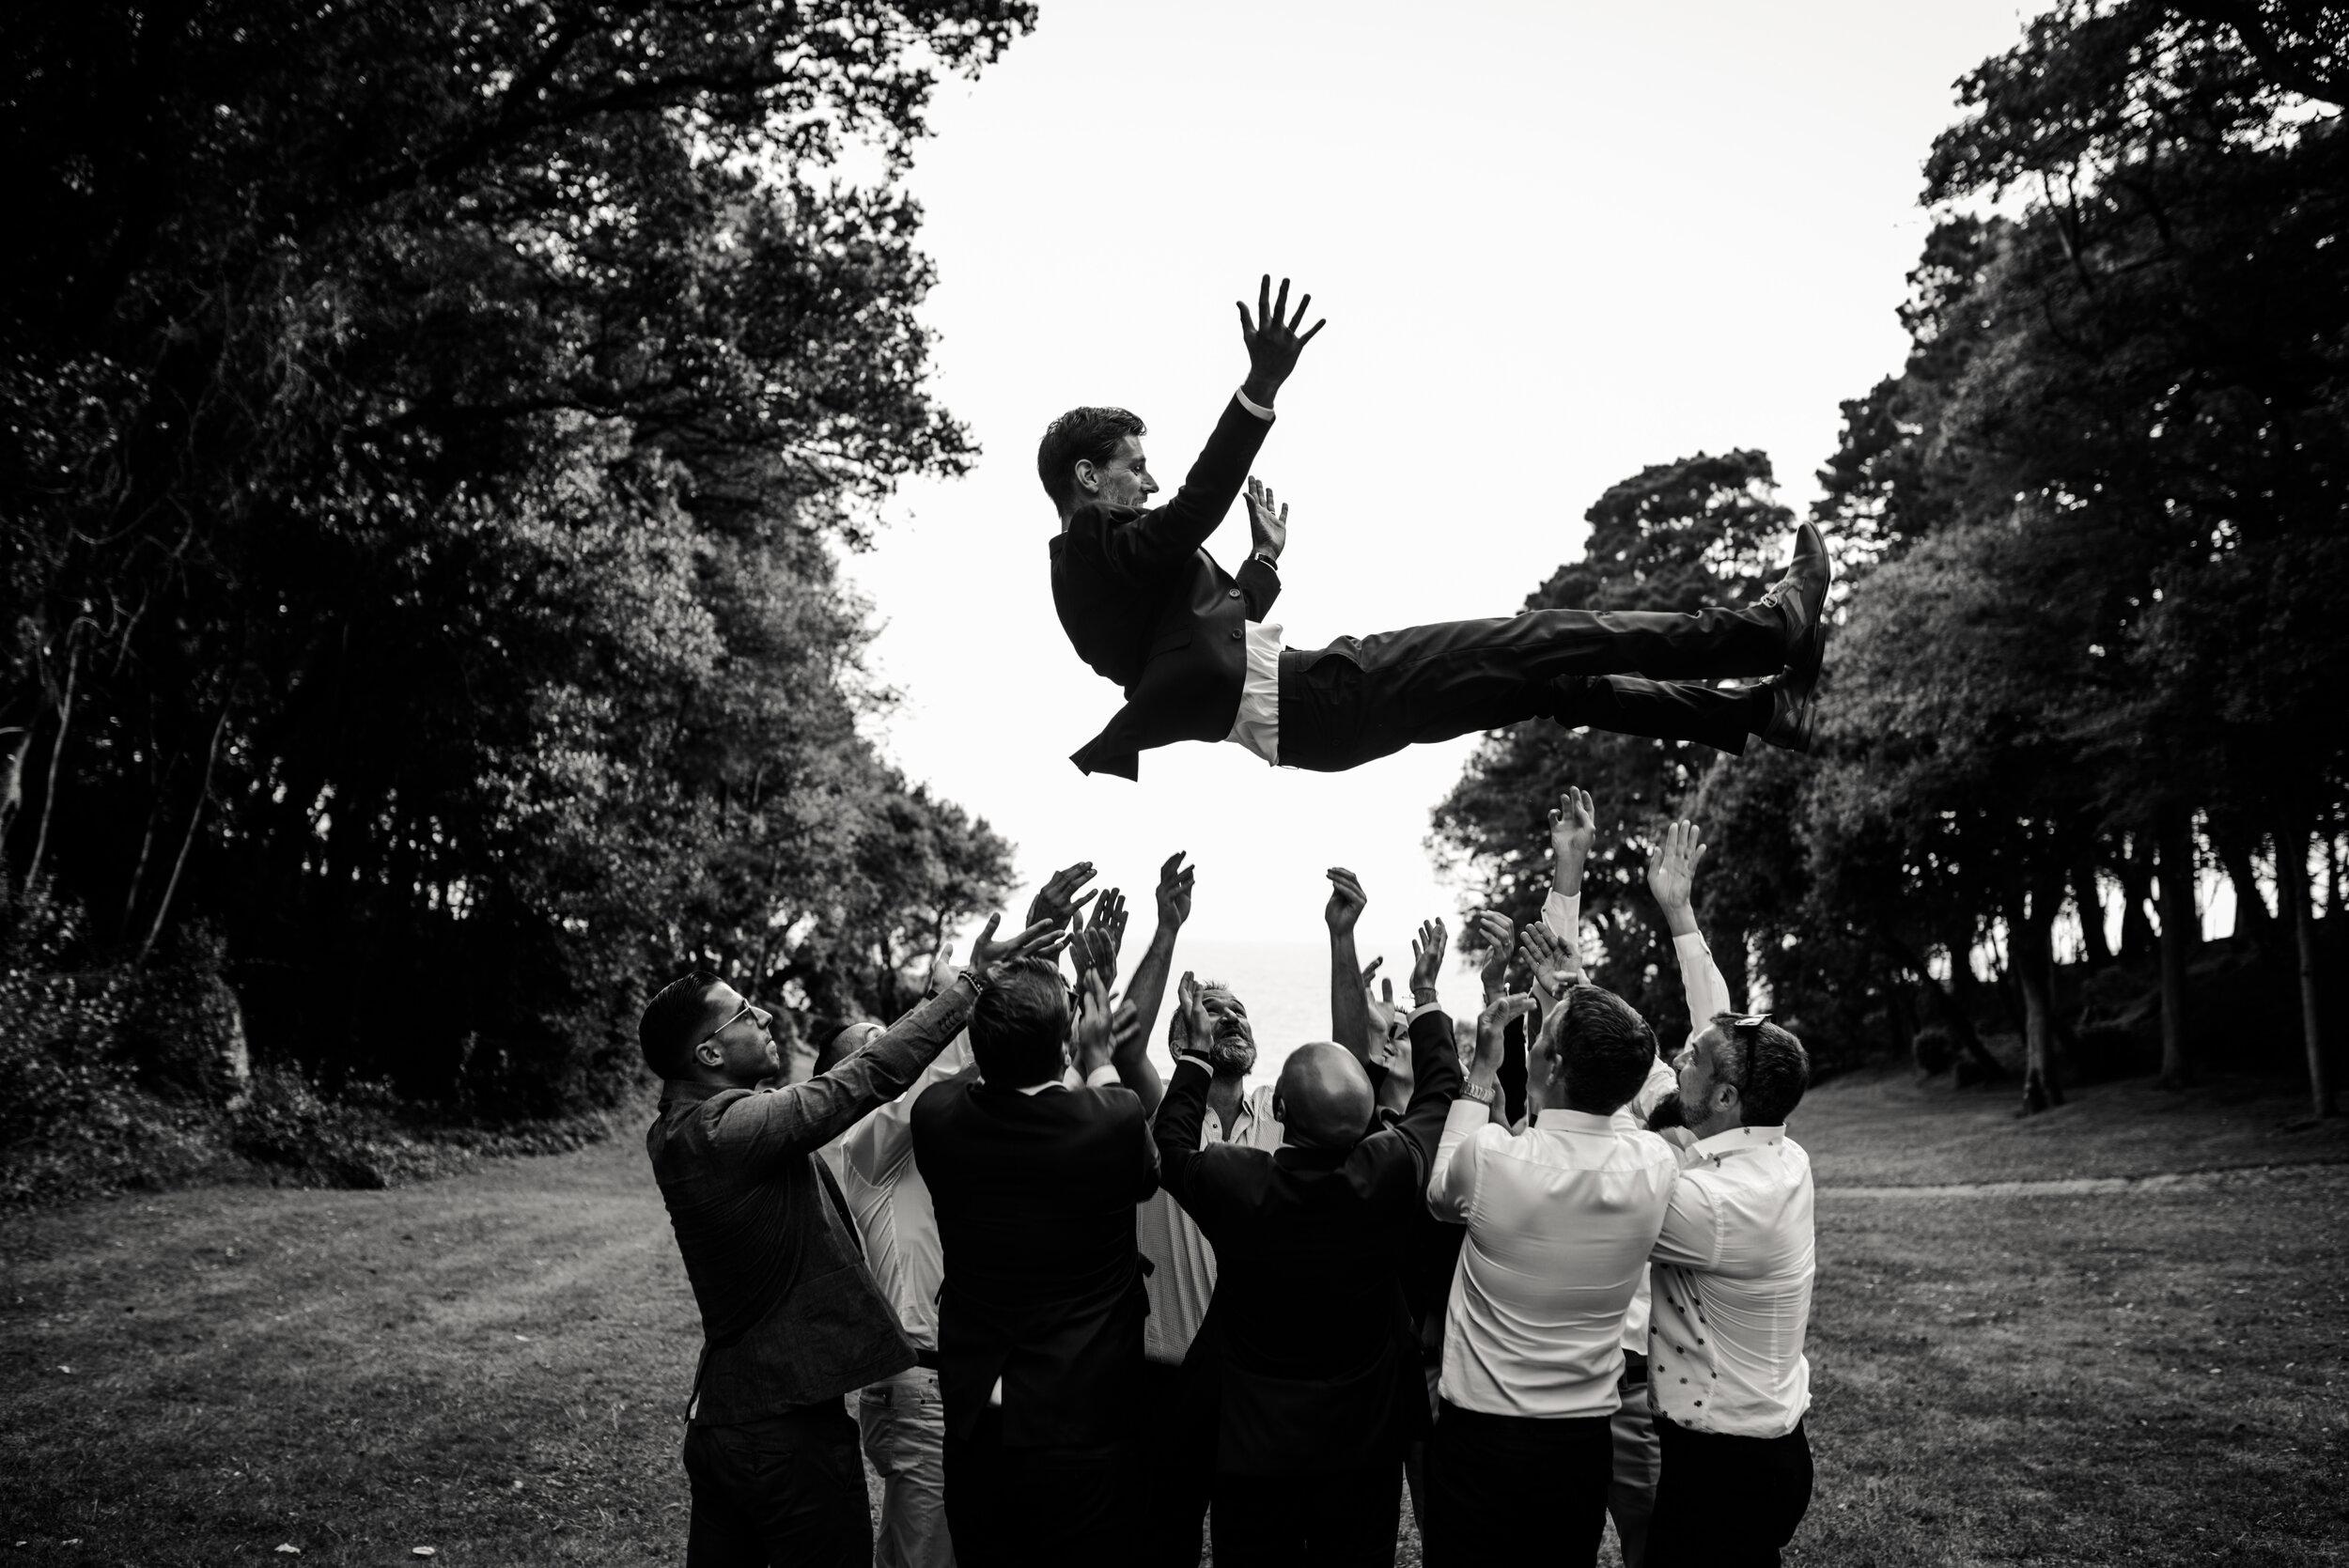 Léa-Fery-photographe-professionnel-Bretagne-portrait-creation-mariage-evenement-evenementiel-famille-7397.jpg